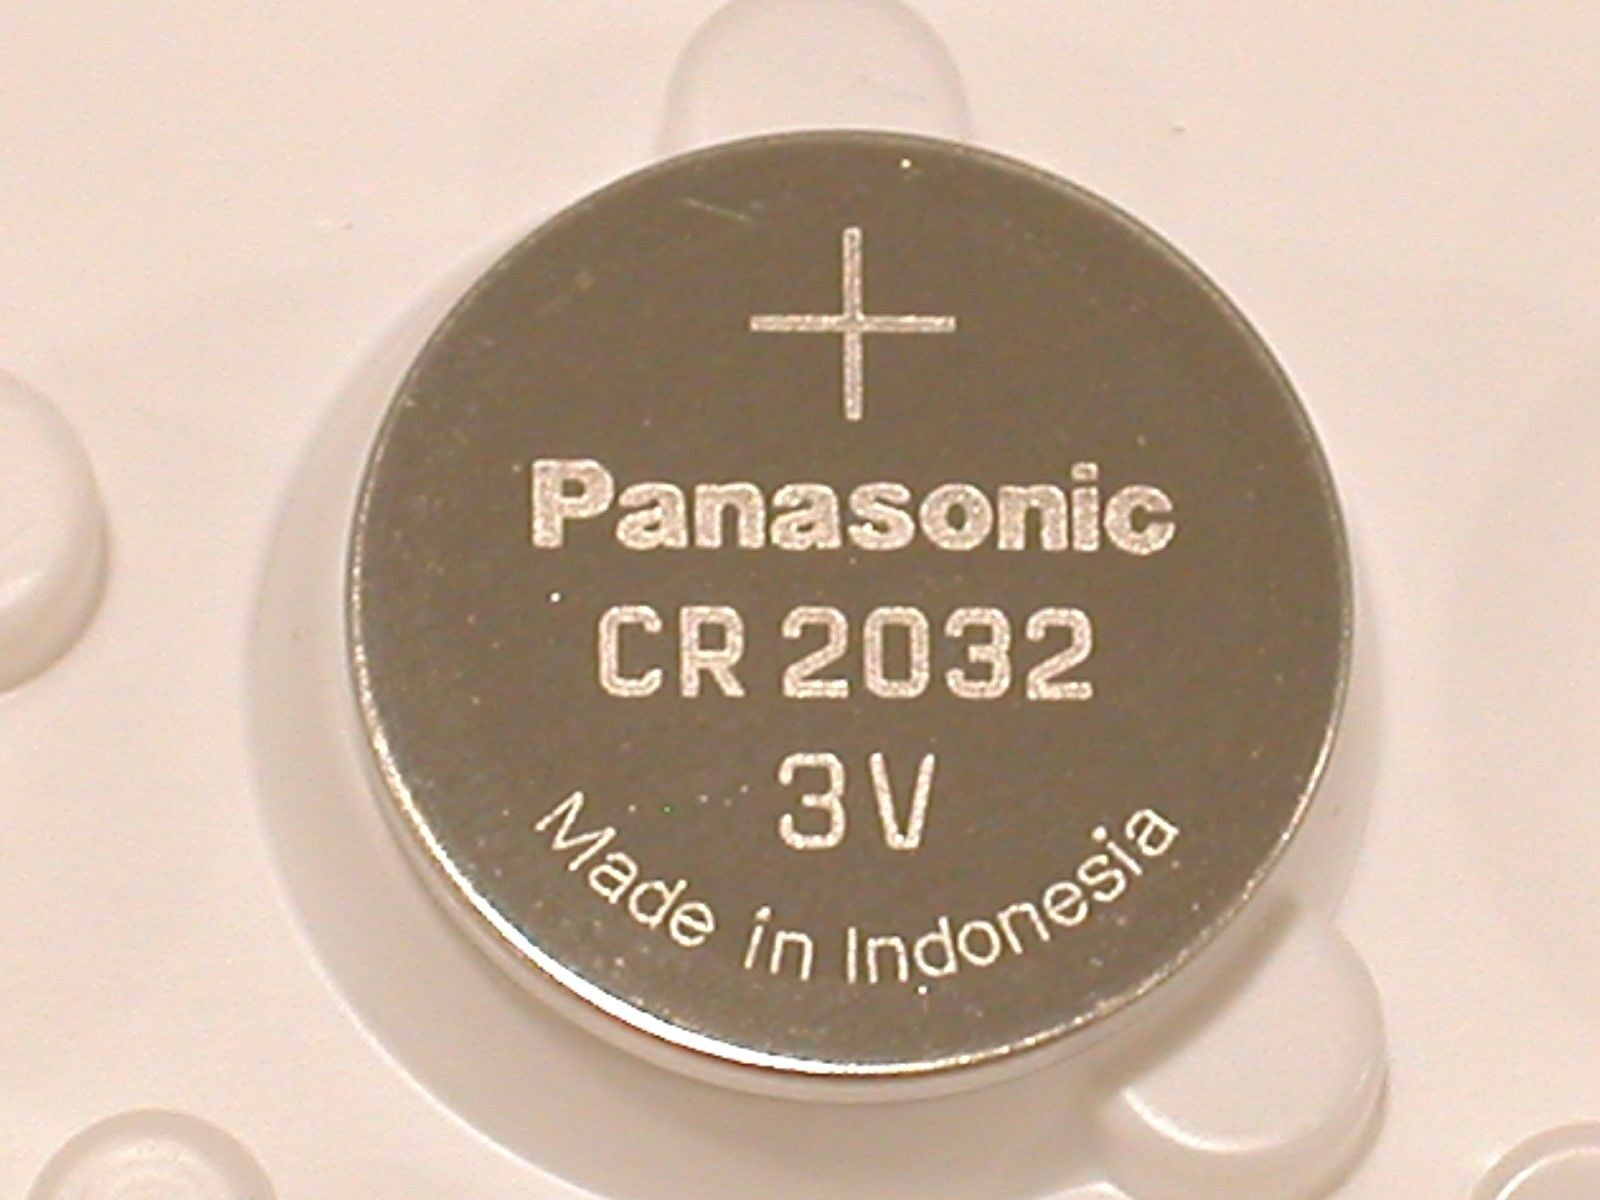 20 pc BULK PANASONIC CR2032 cr 2032 ECR2032 3v Battery EXPIR